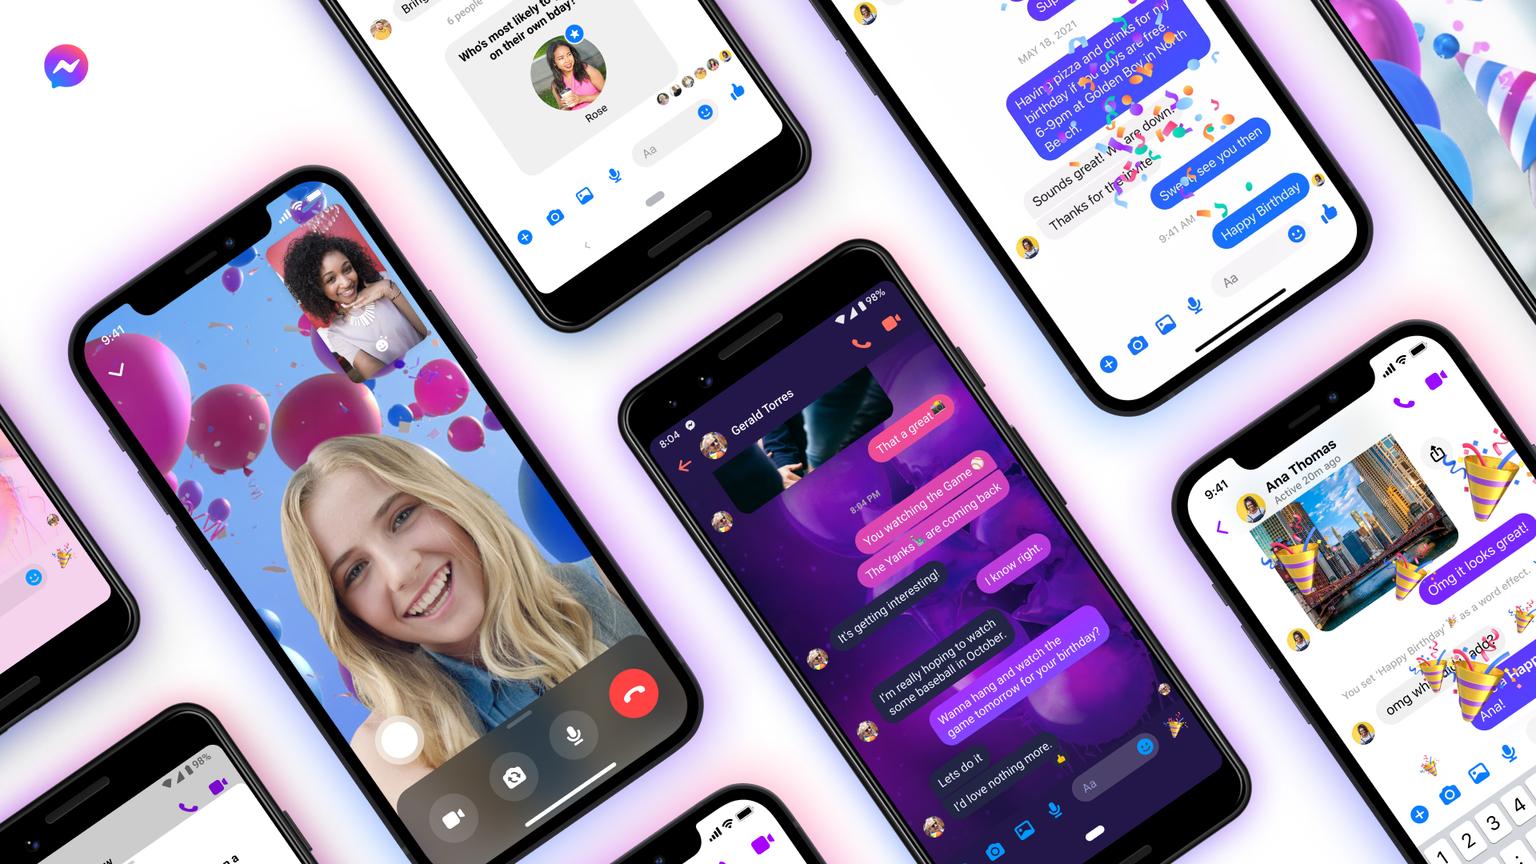 Facebook festeggia i 10 anni di Messenger con 10 nuove funzionalità